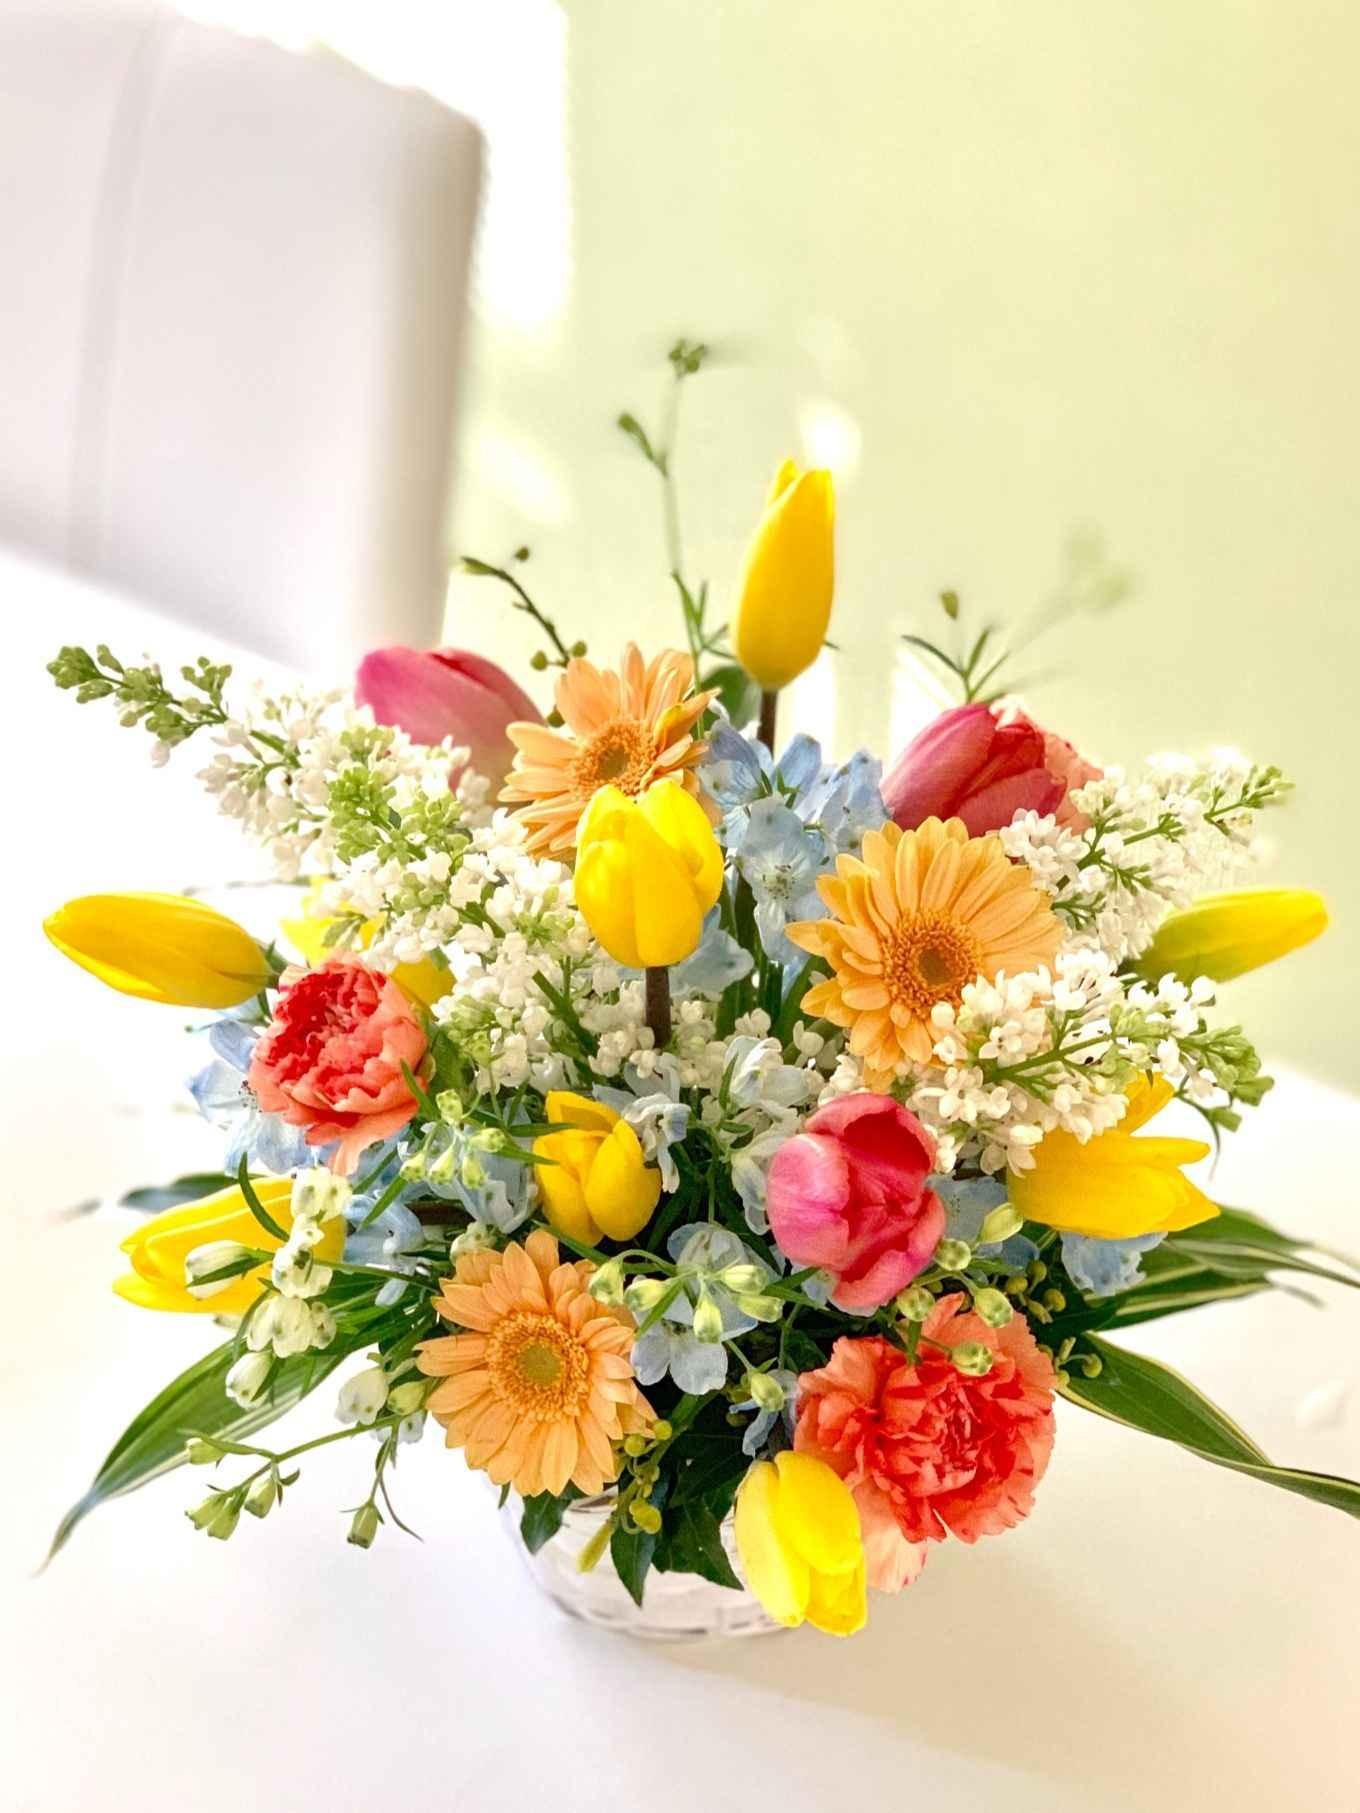 幸福感を感じる花セラピー フラワーアレンジメント体験